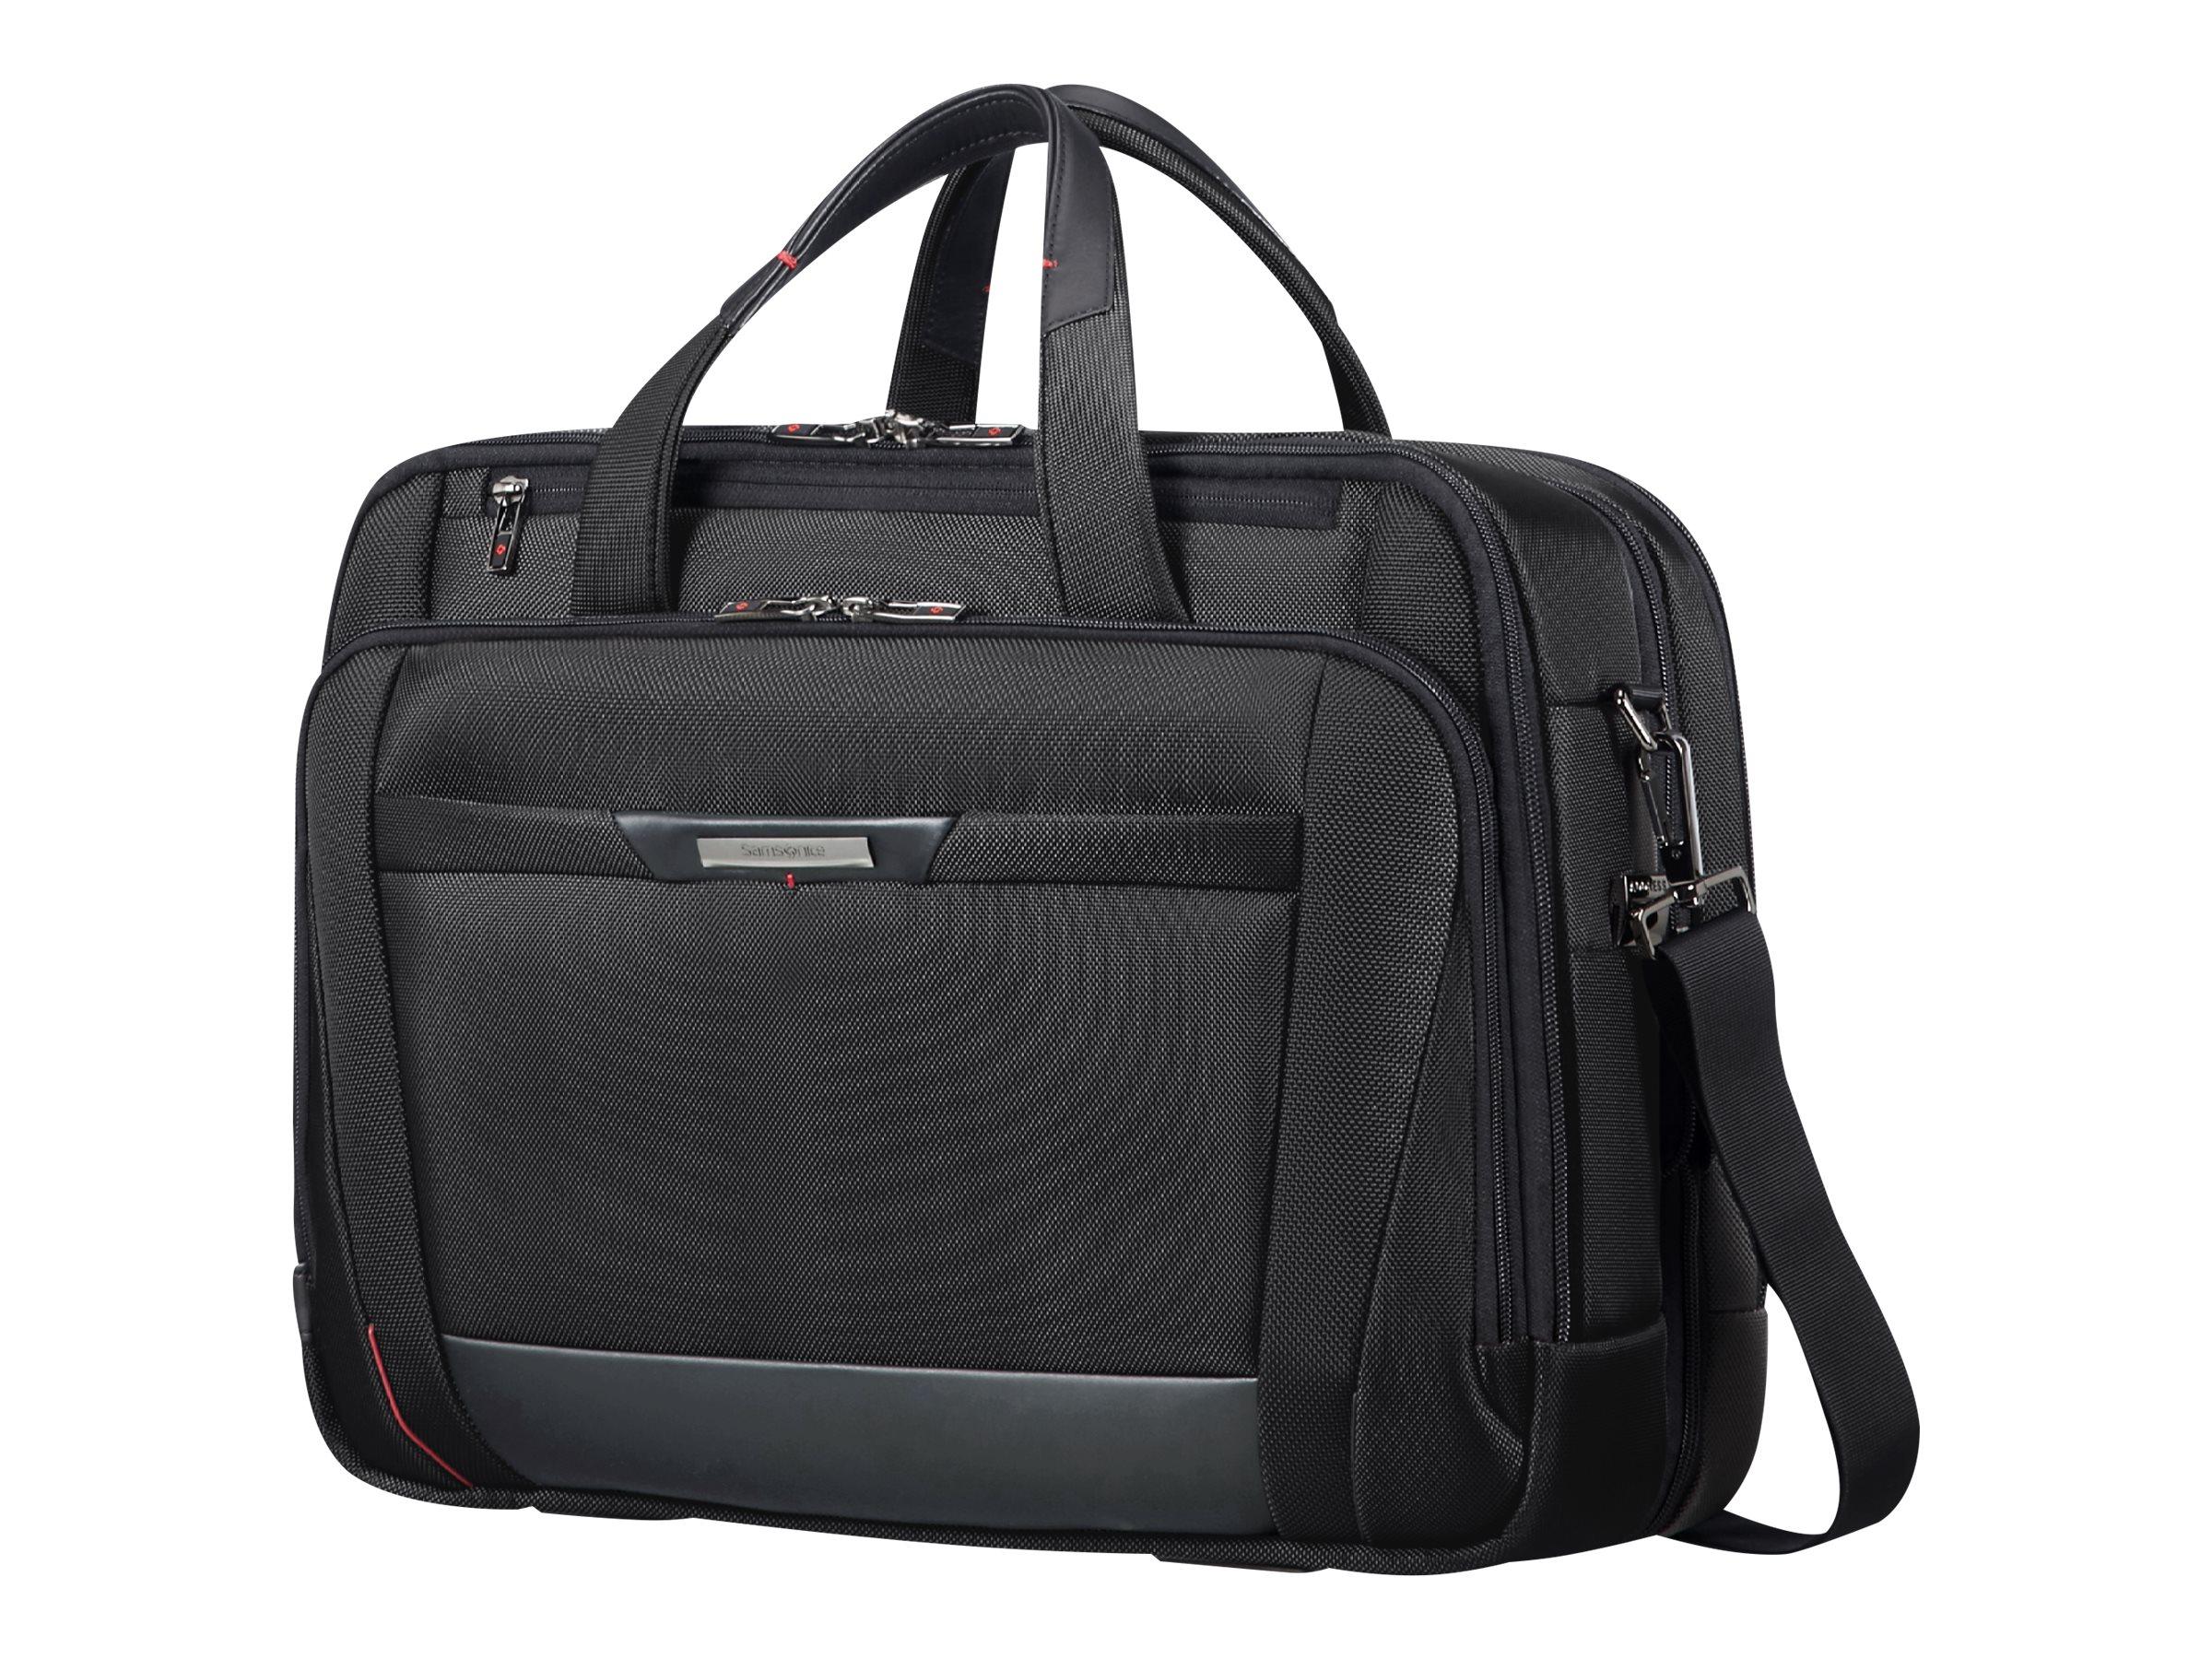 Samsonite Pro-DLX 5 - Notebook-Tasche - 43.9 cm (17.3